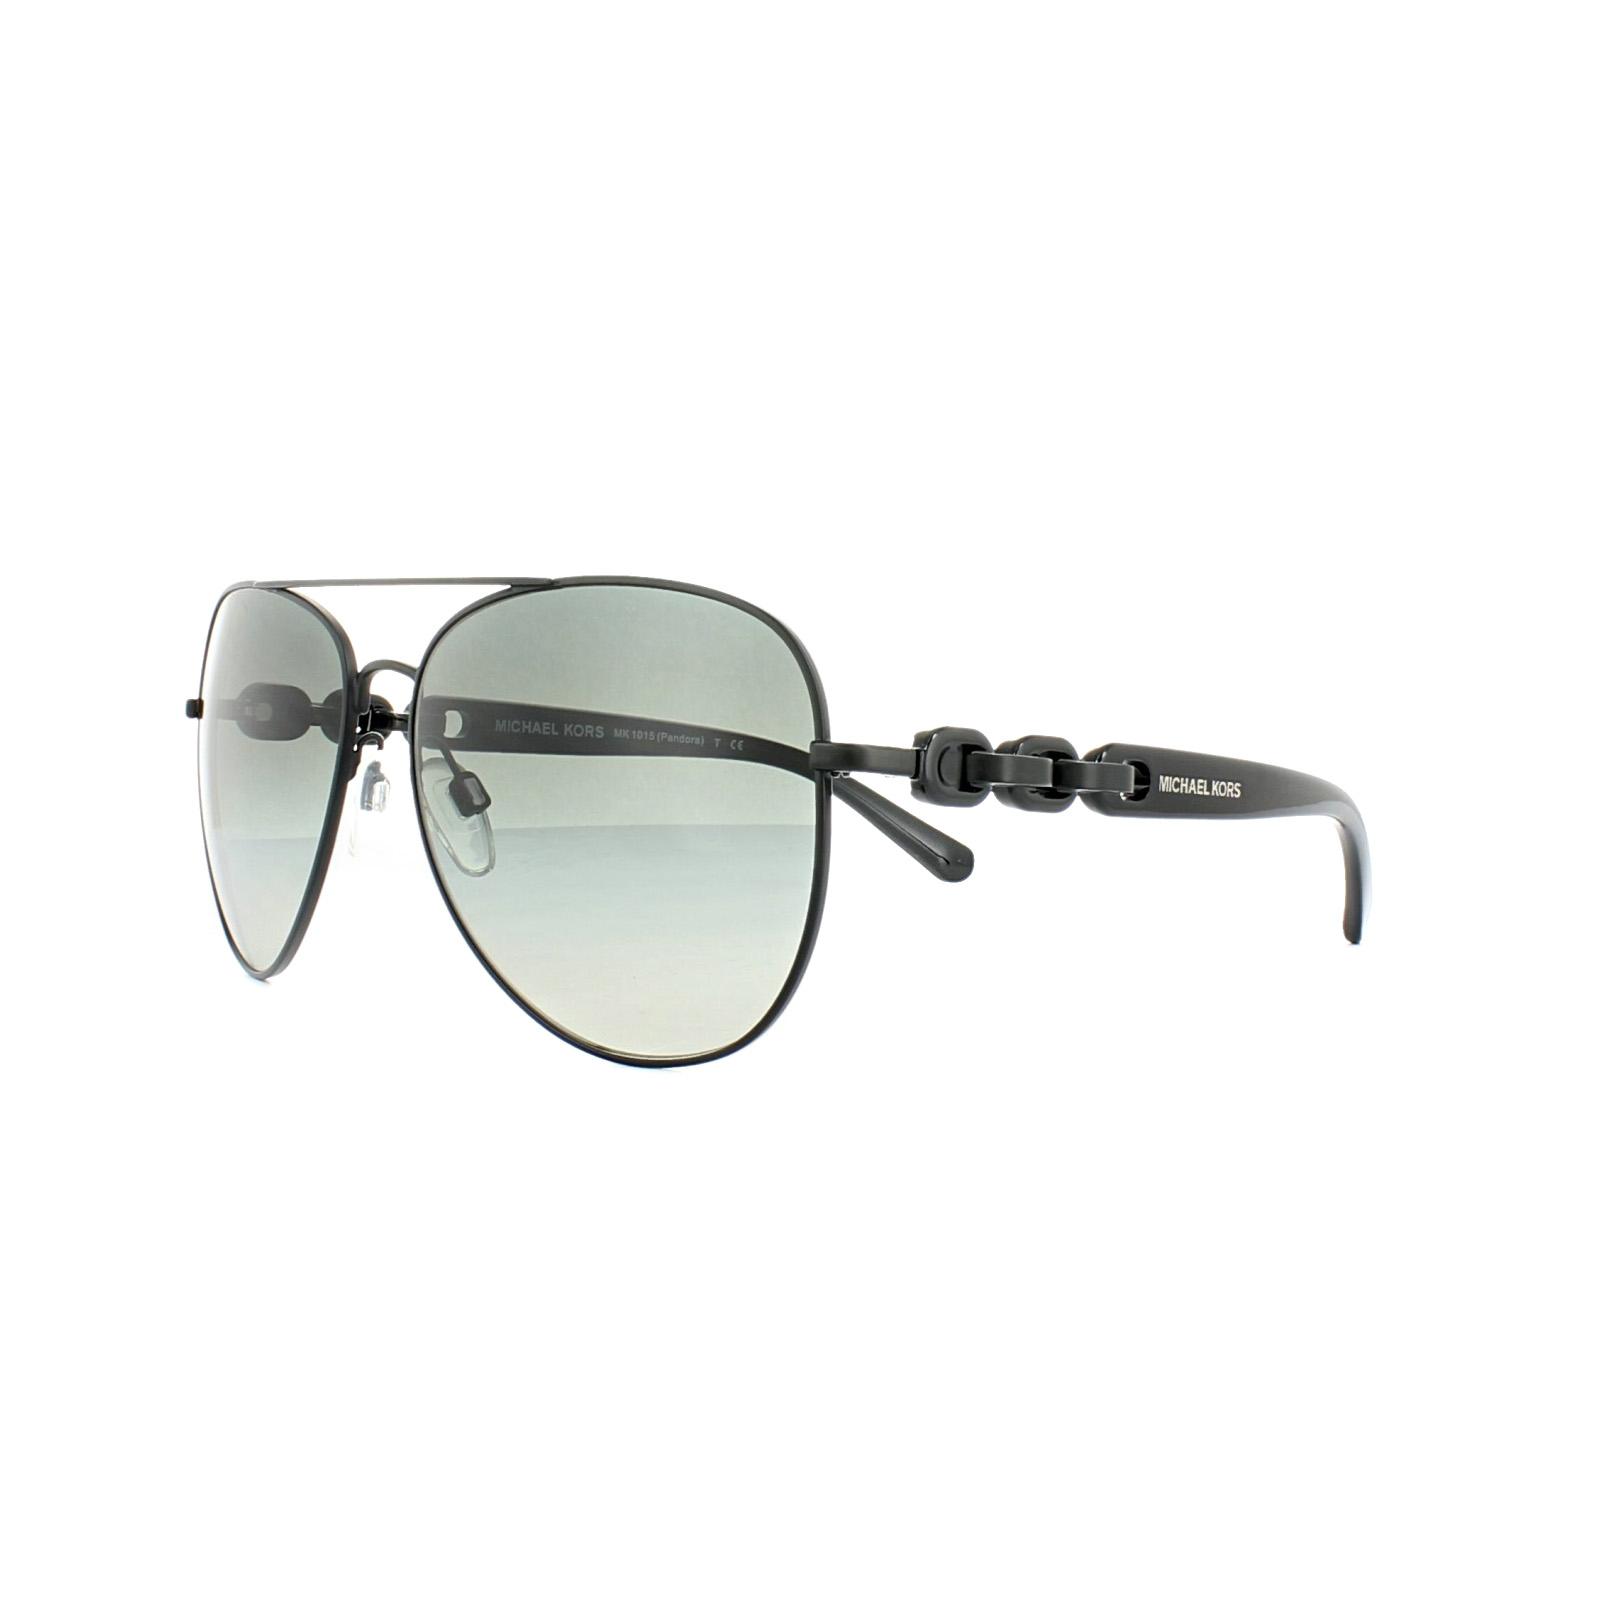 a114cc77af3 Sentinel Michael Kors Sunglasses Pandora 1015 1132 4L Pale Gold Blue Blue